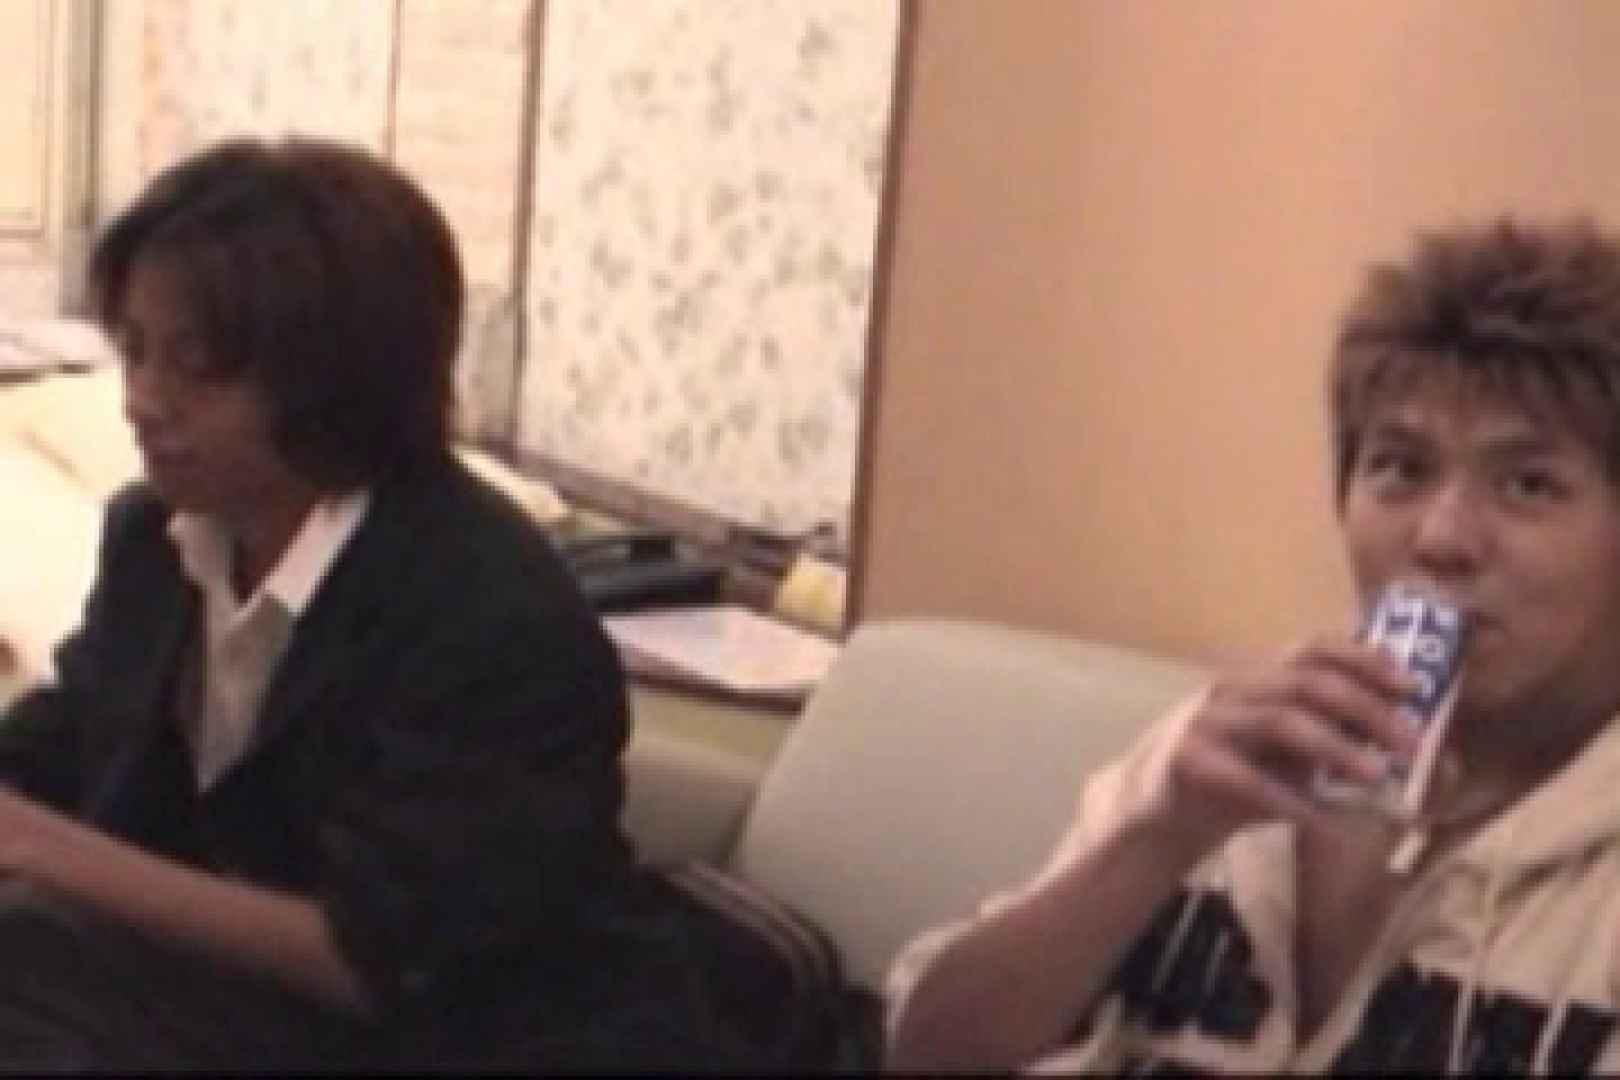 【流出】ジャニ系イケメン!!フライング&アナルが痛くて出来ません!! イケメンズ ゲイAV画像 83枚 48